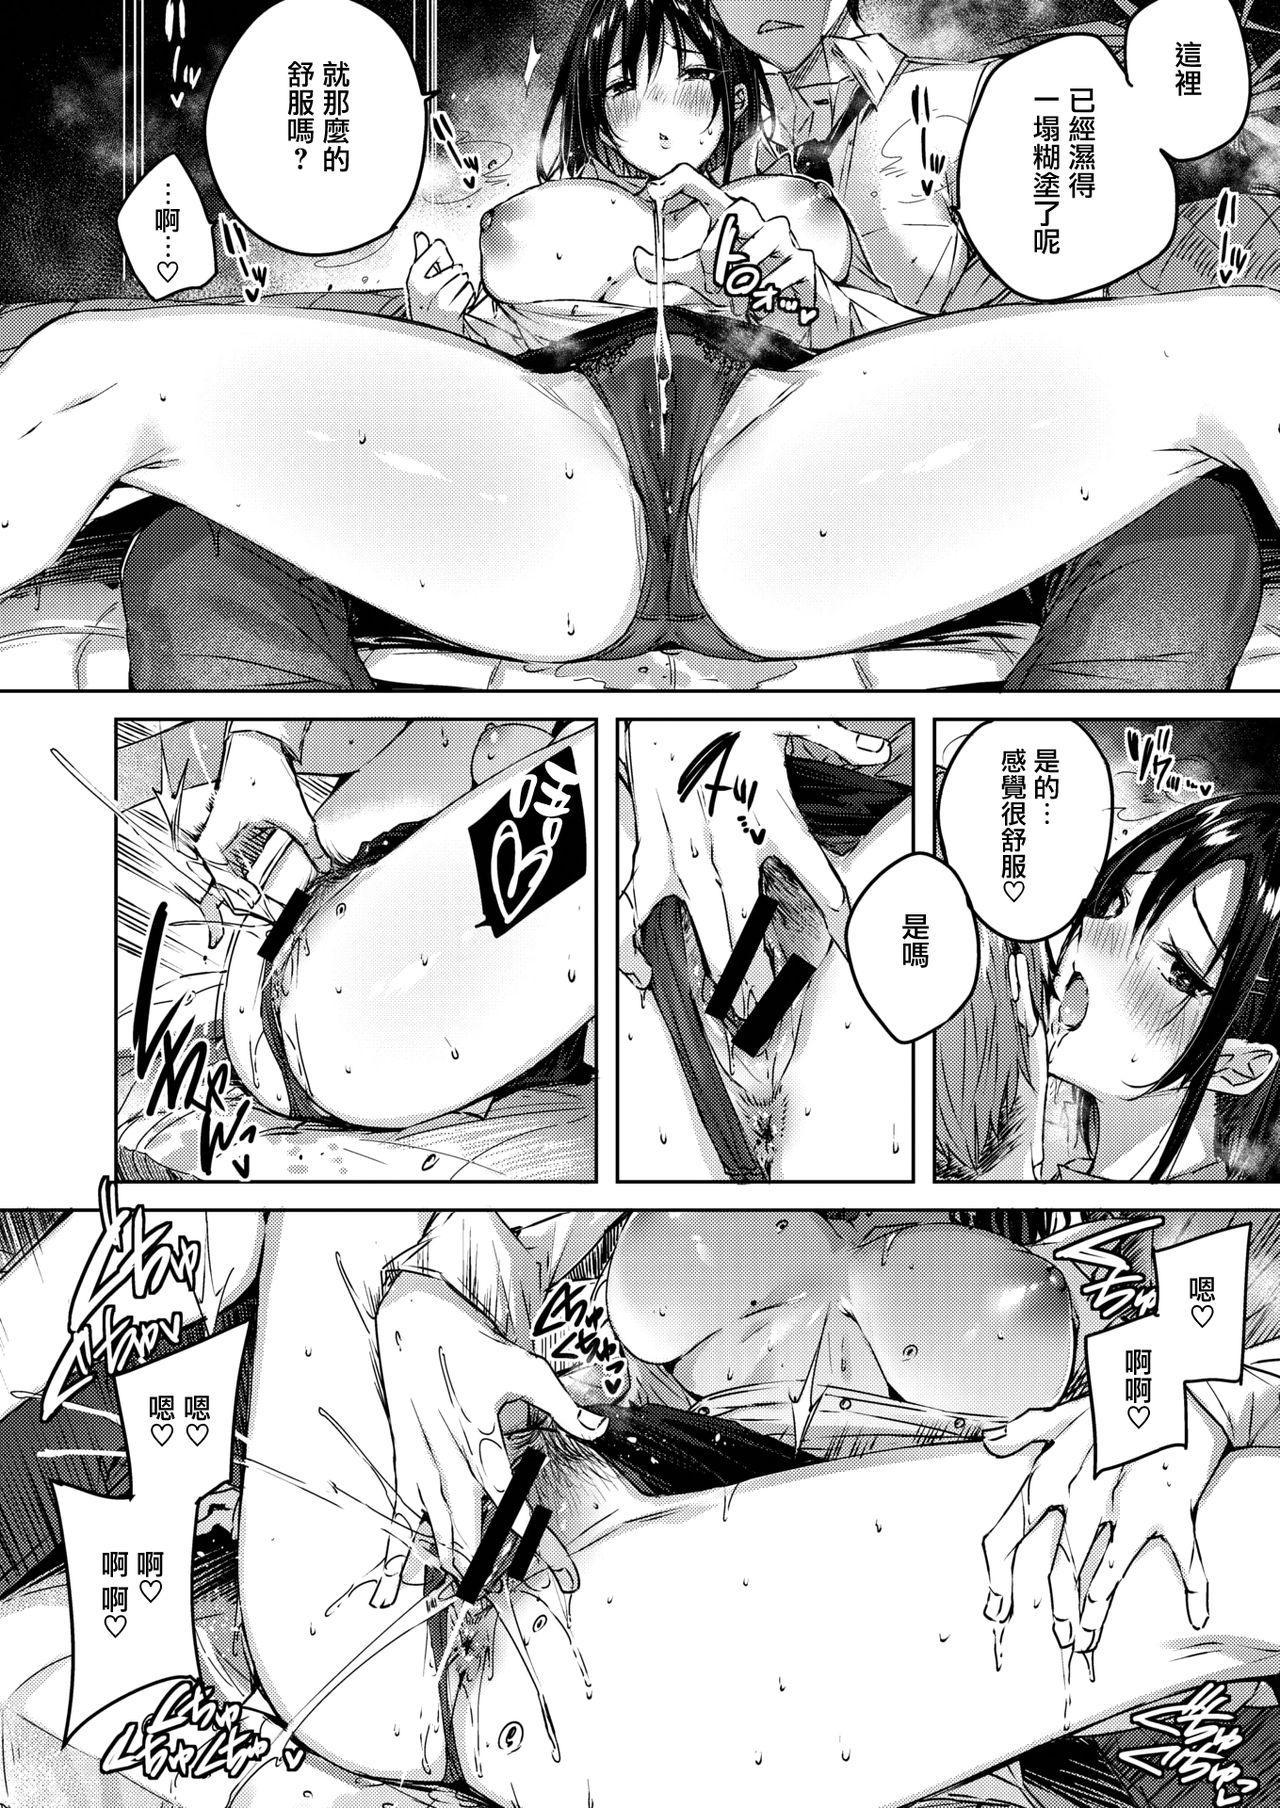 Kokoro no Guidance 12